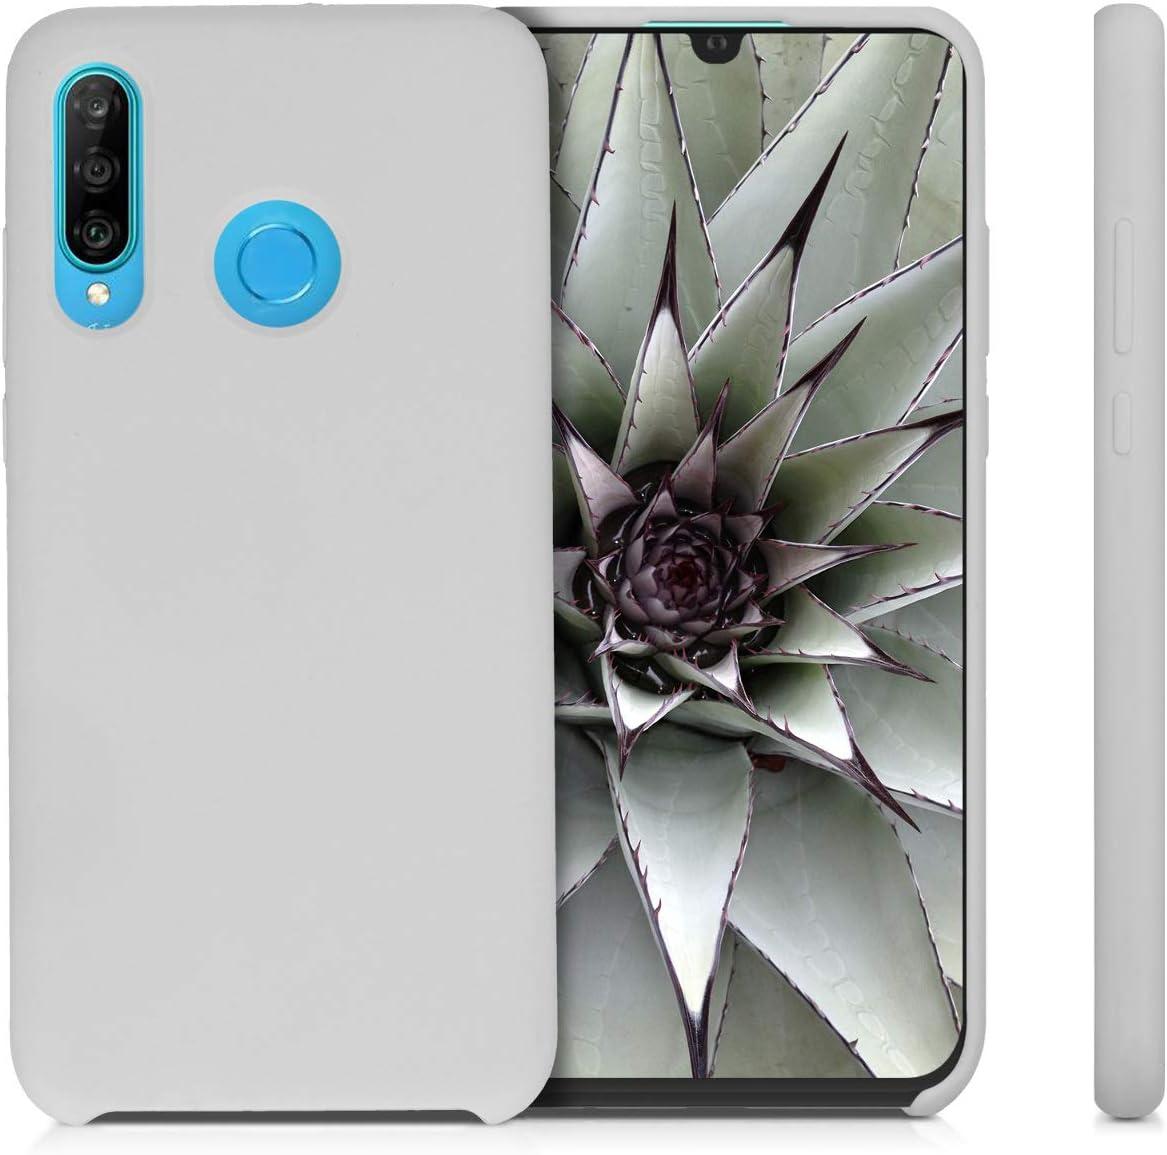 Carcasa de TPU para m/óvil Cover Trasero en Malva kwmobile Funda Compatible con Huawei P30 Lite